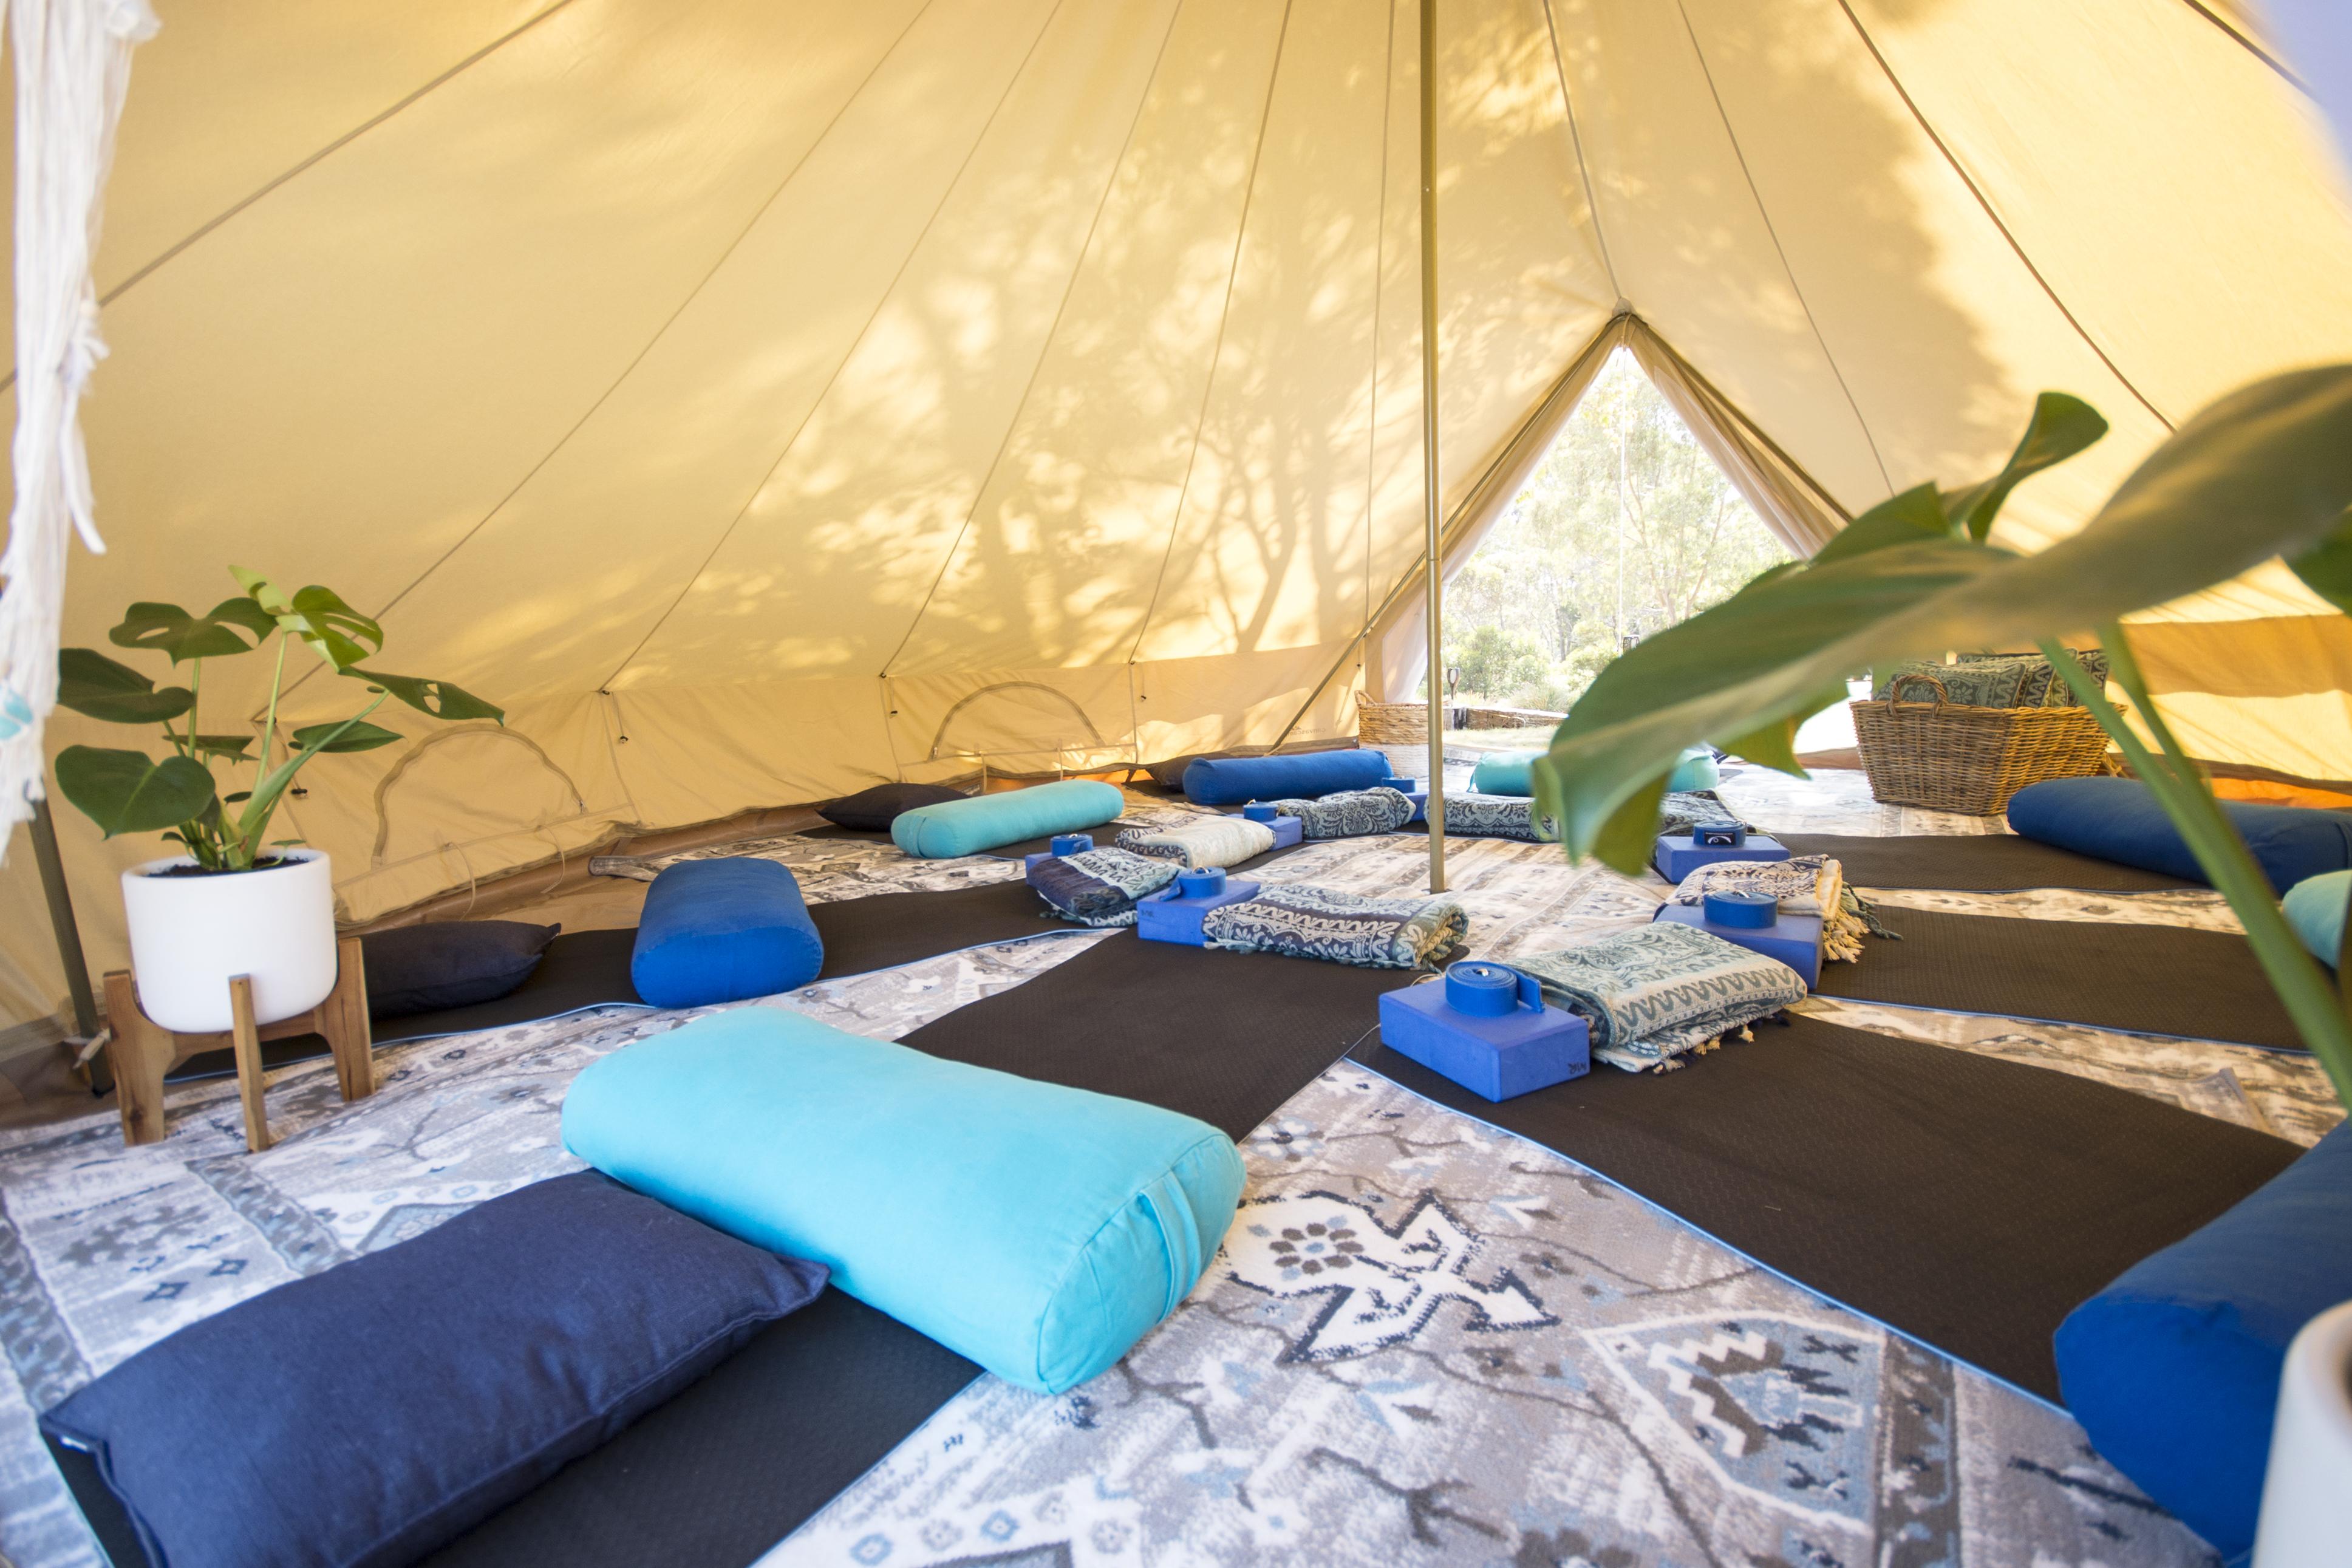 twilightyogastudioandretreats/bell-tent